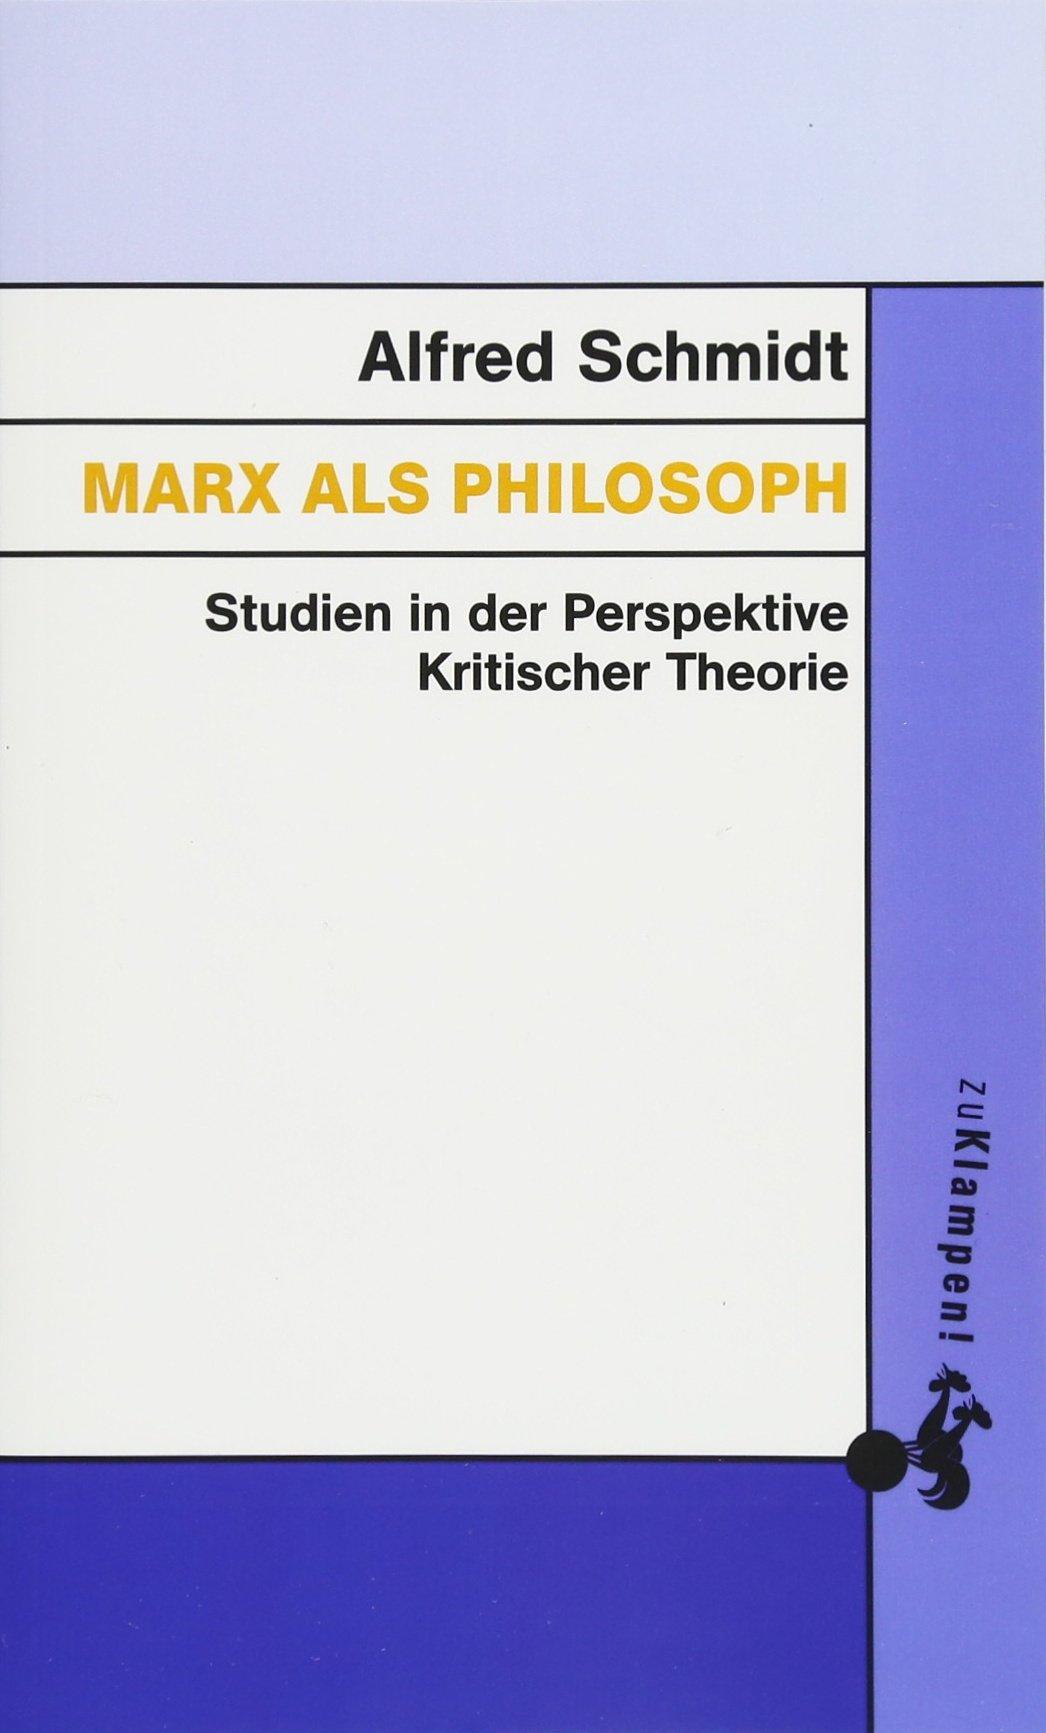 Marx als Philosoph: Studien in der Perspektive Kritischer Theorie